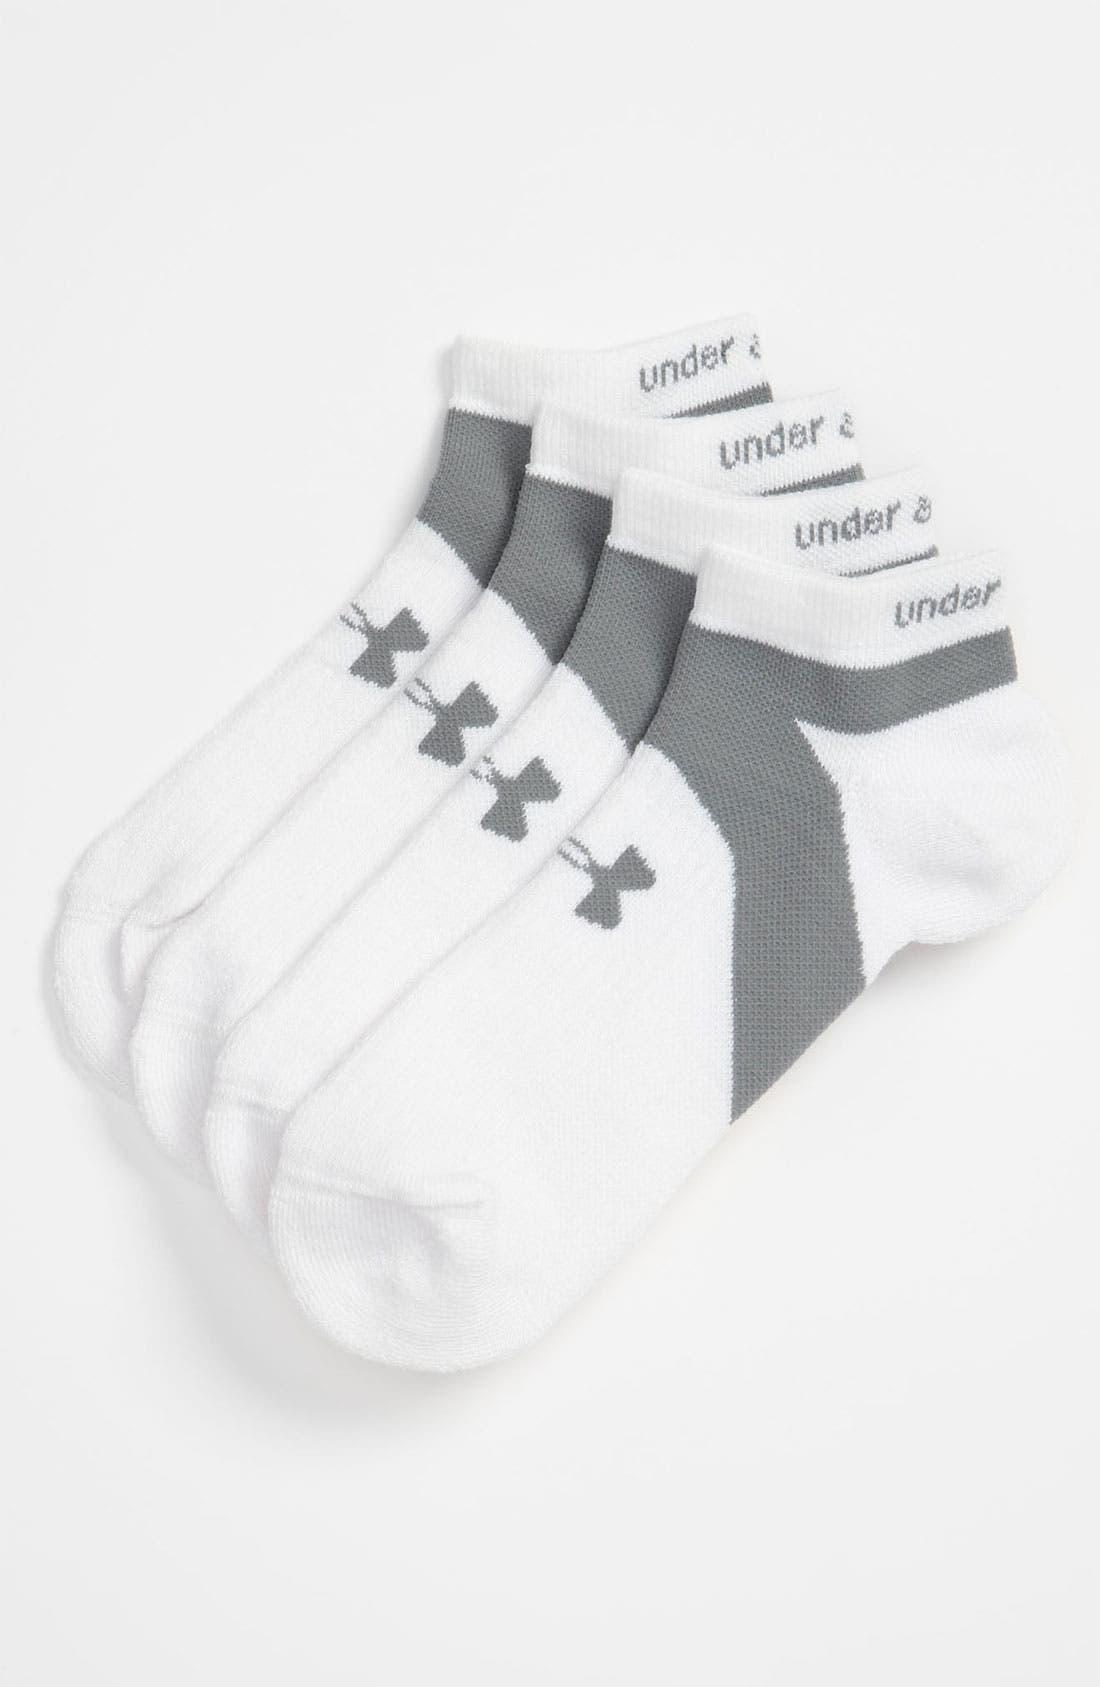 Alternate Image 1 Selected - Under Armour 'Streamline' Running Socks (2-Pack)